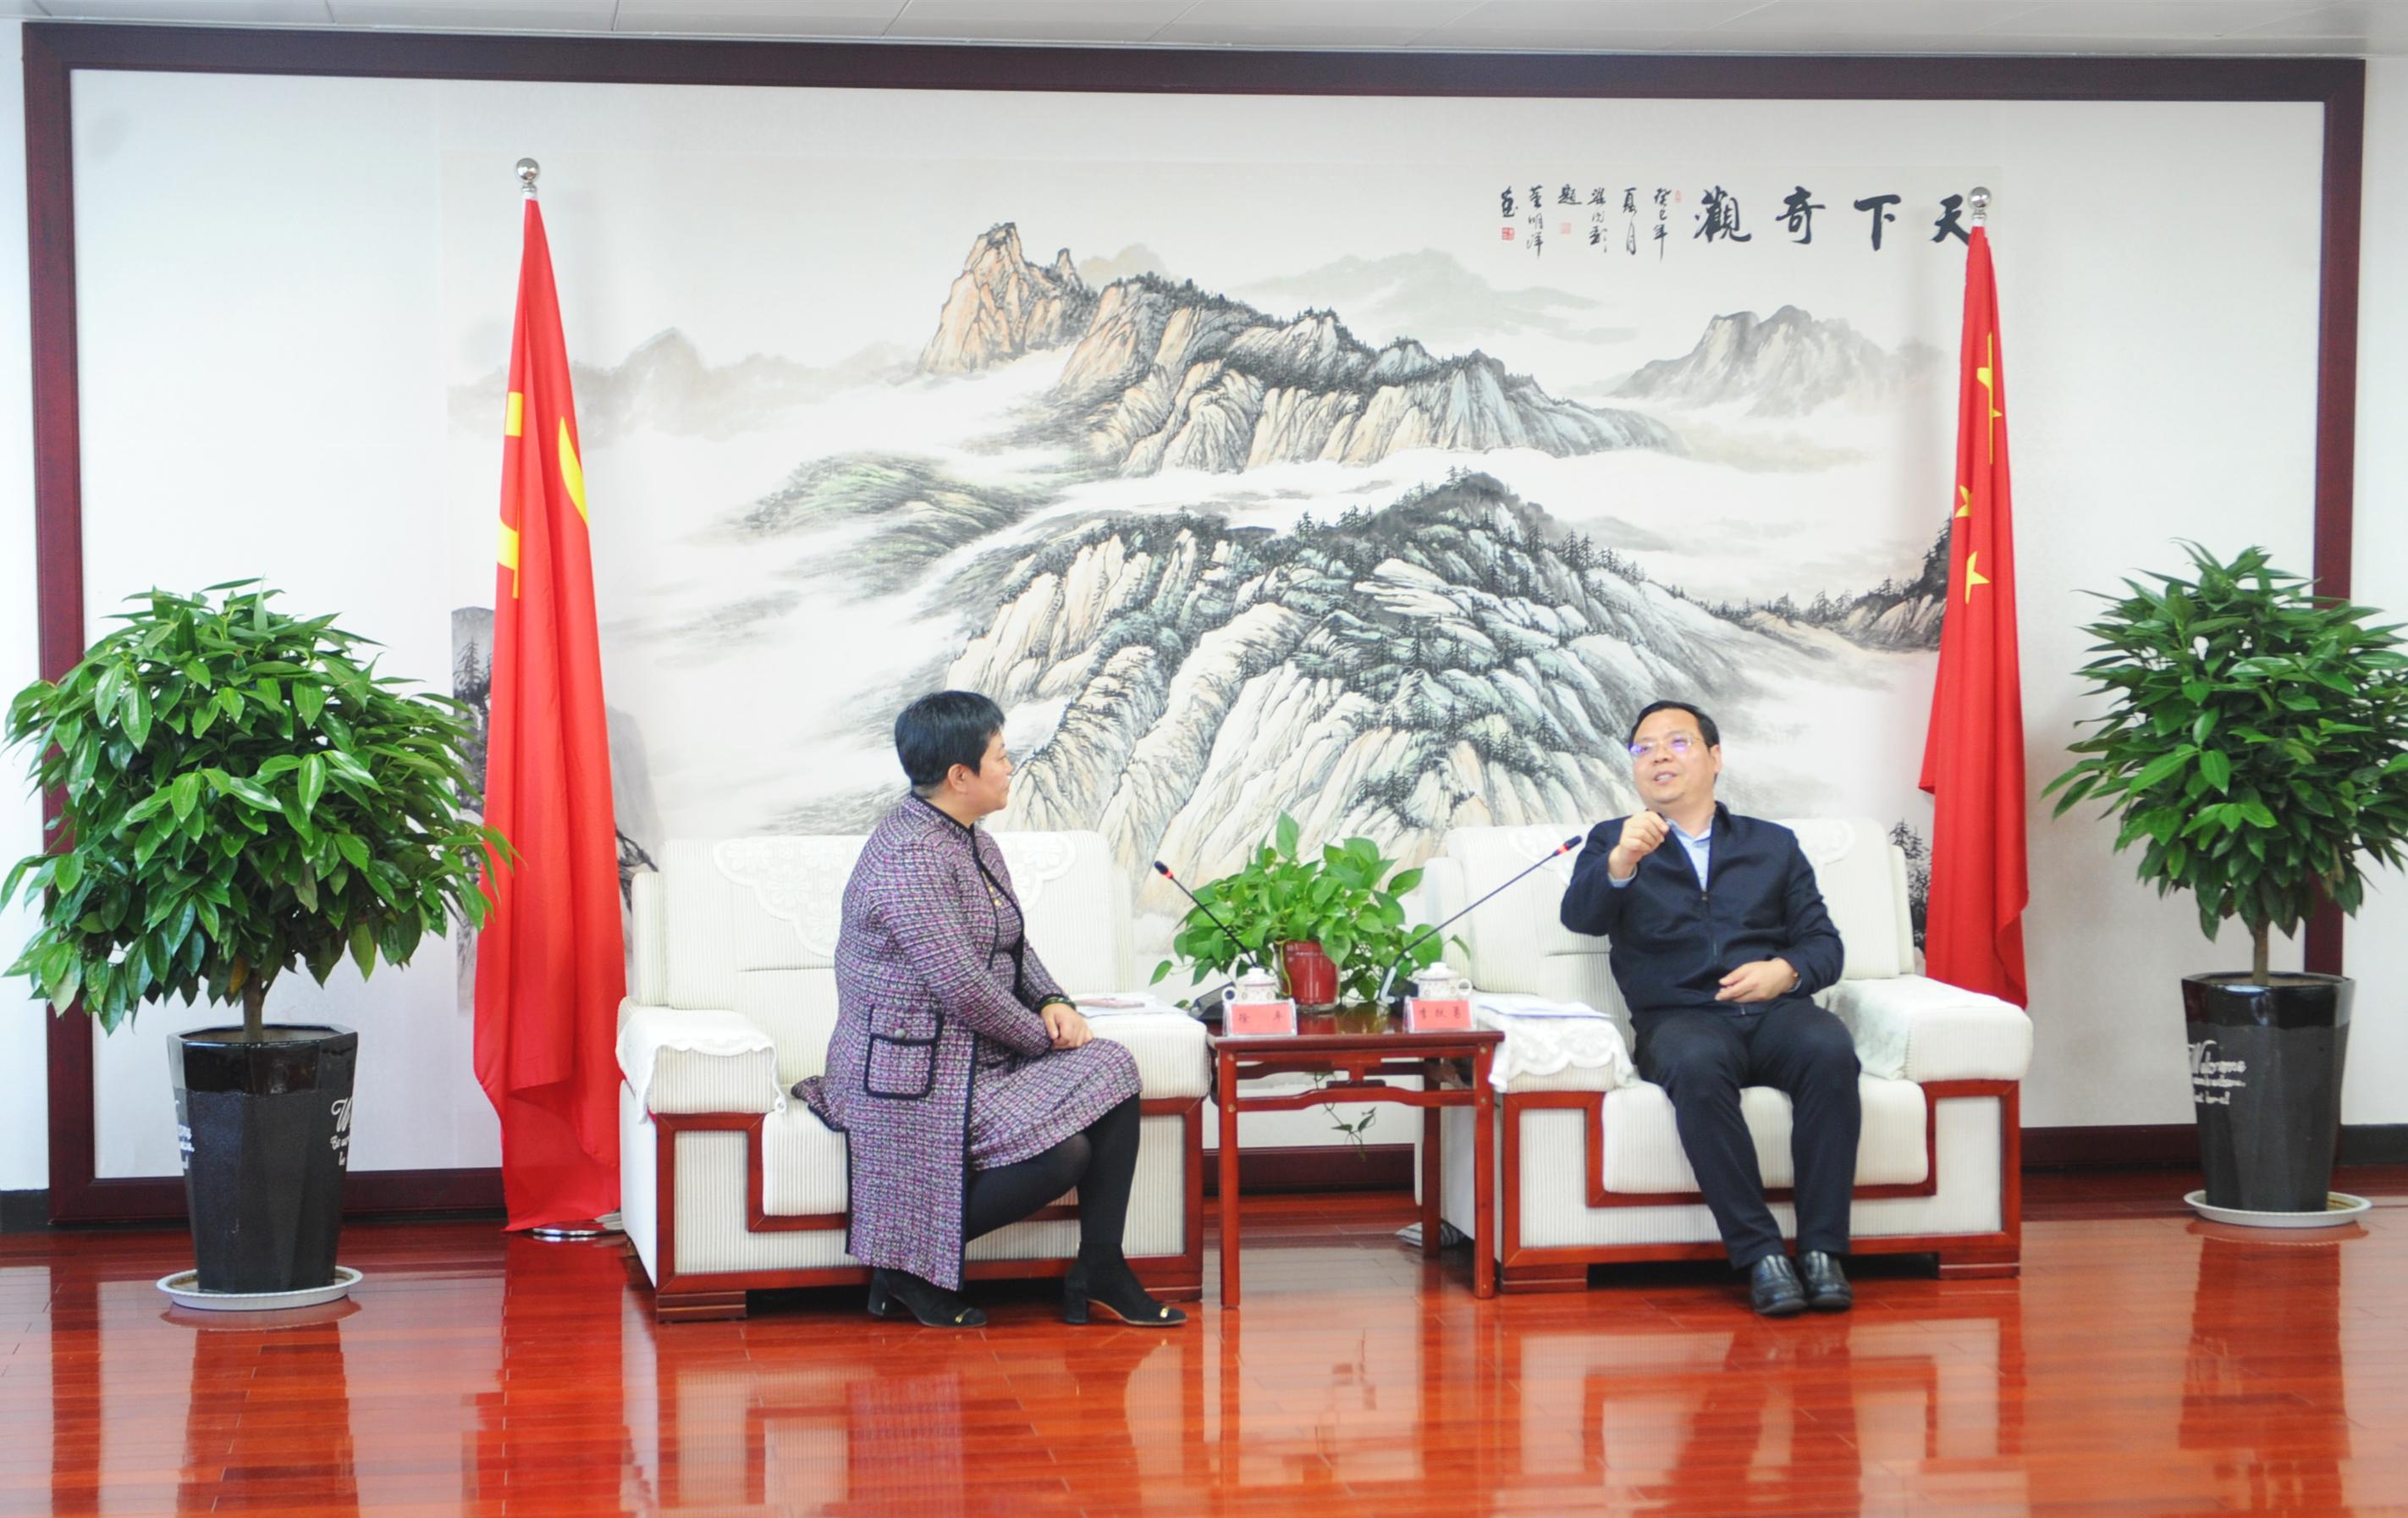 李跃勇会见河南保税集团总裁徐平一行